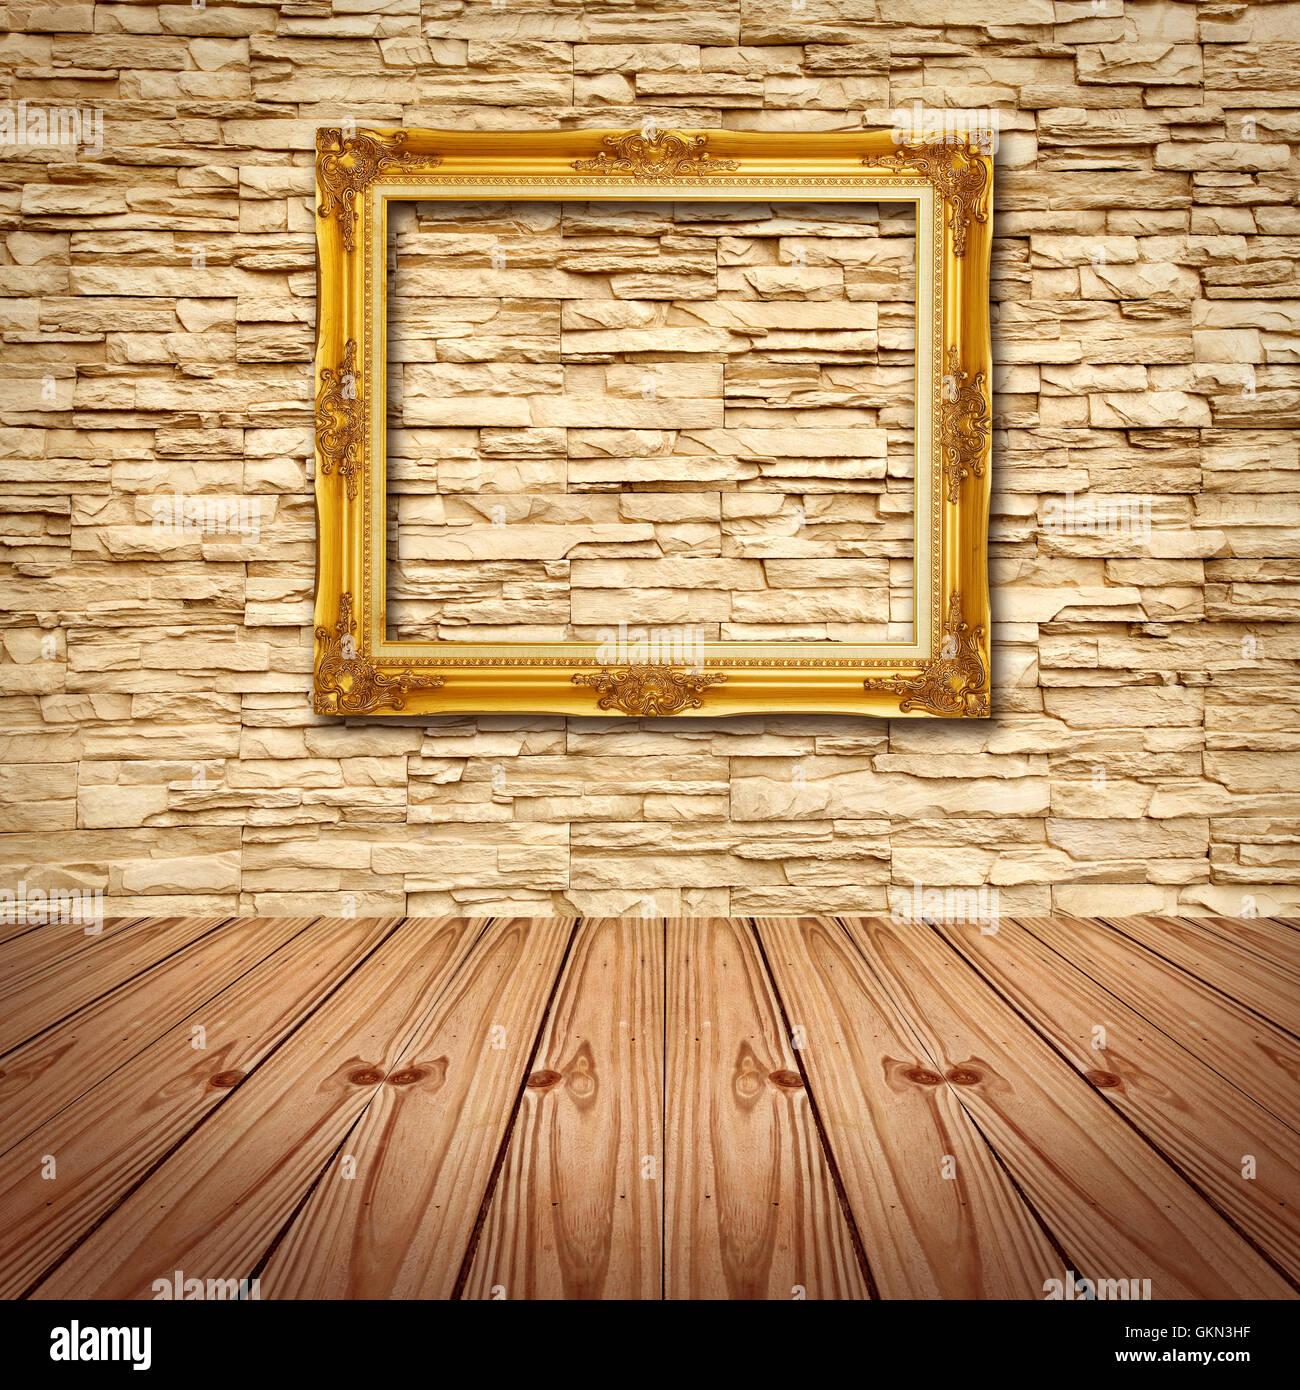 Goldrahmen an moderne Ziegelwand hängen Stockfoto, Bild: 115404507 ...